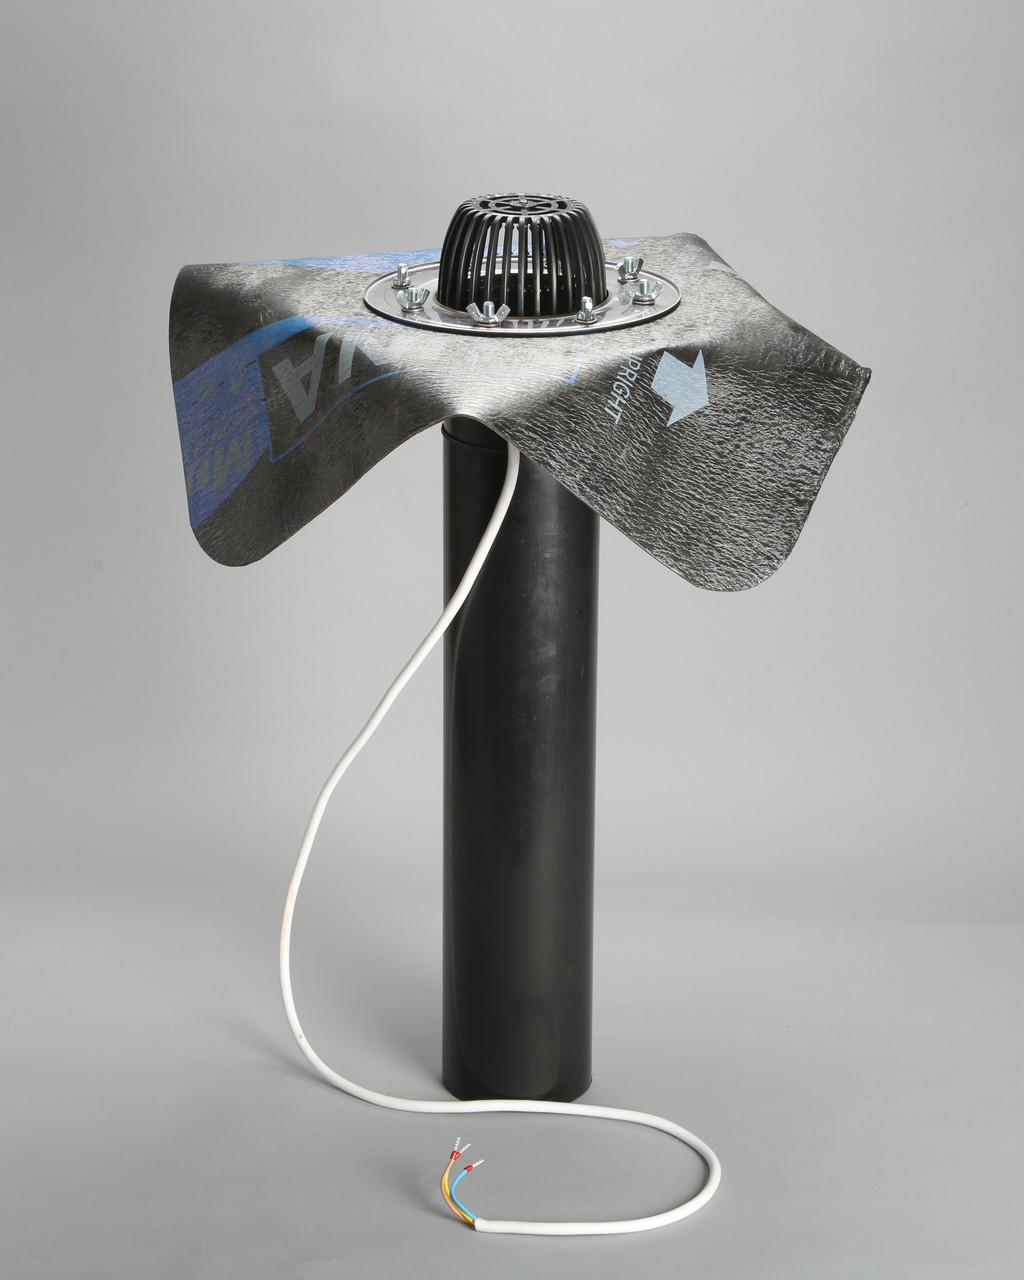 Кровельная воронка с битумным (пвх) фартуком, системой обогрева 110/600 мм